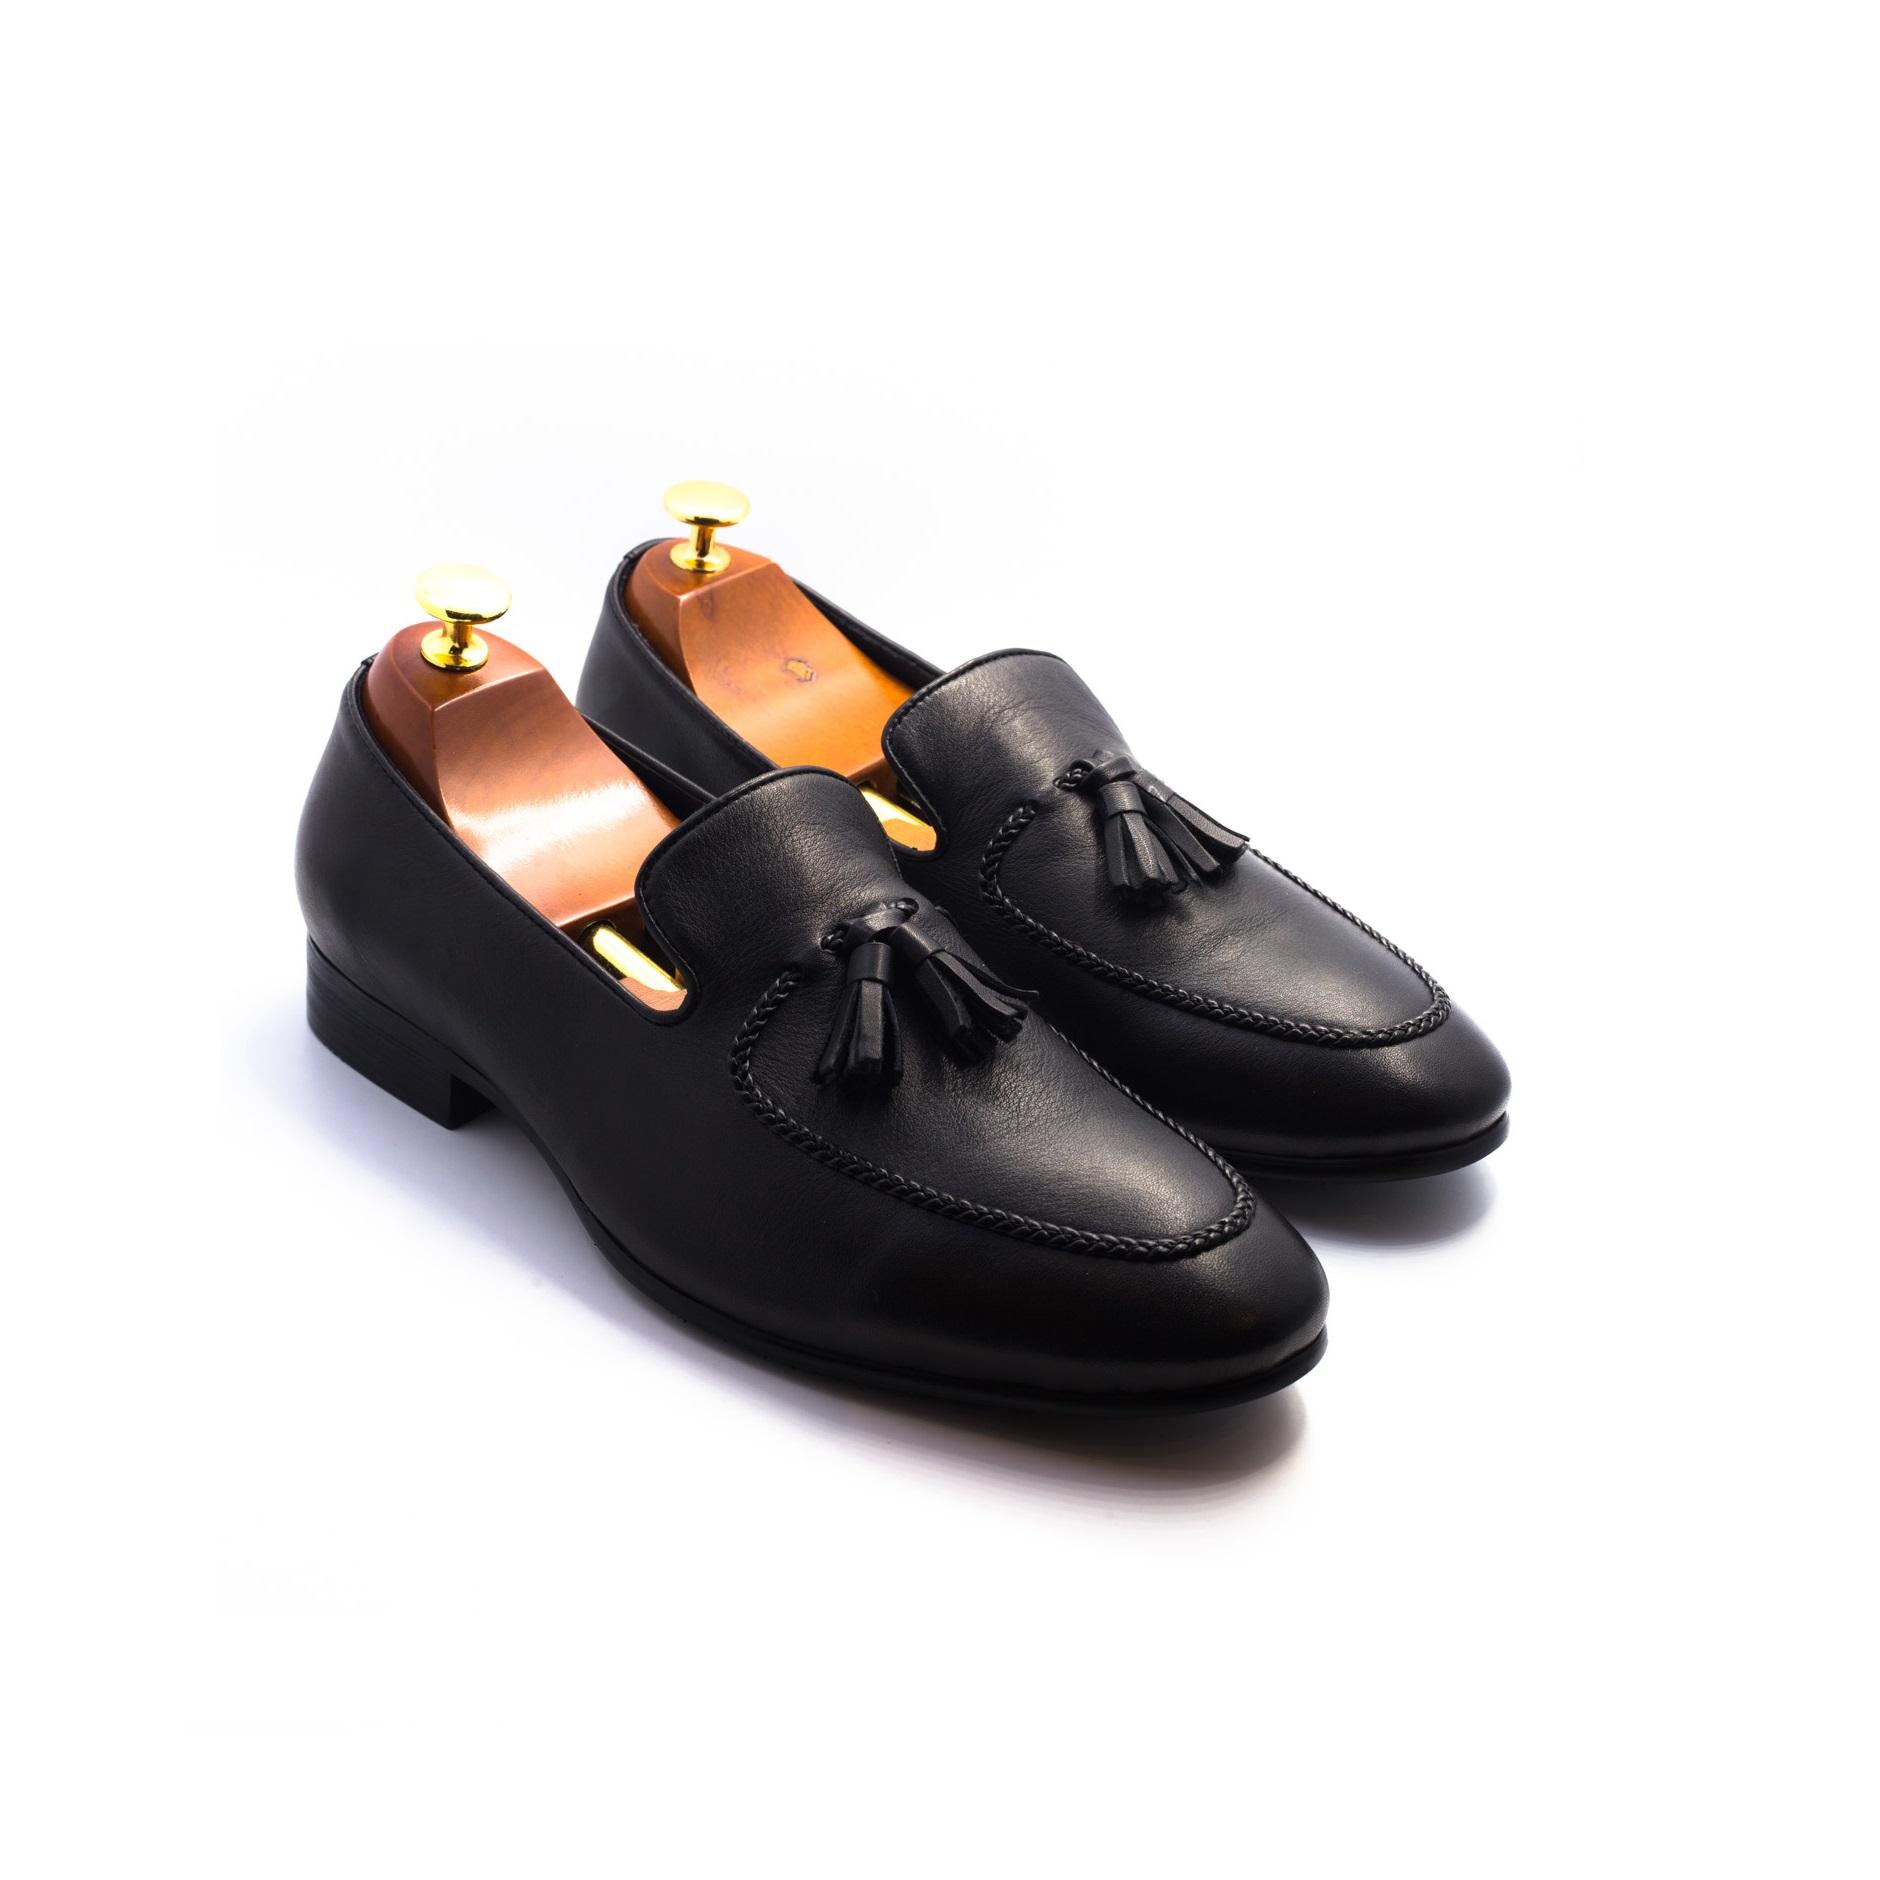 Giày Tassel Loafer da bê mềm ZC273-77-A18